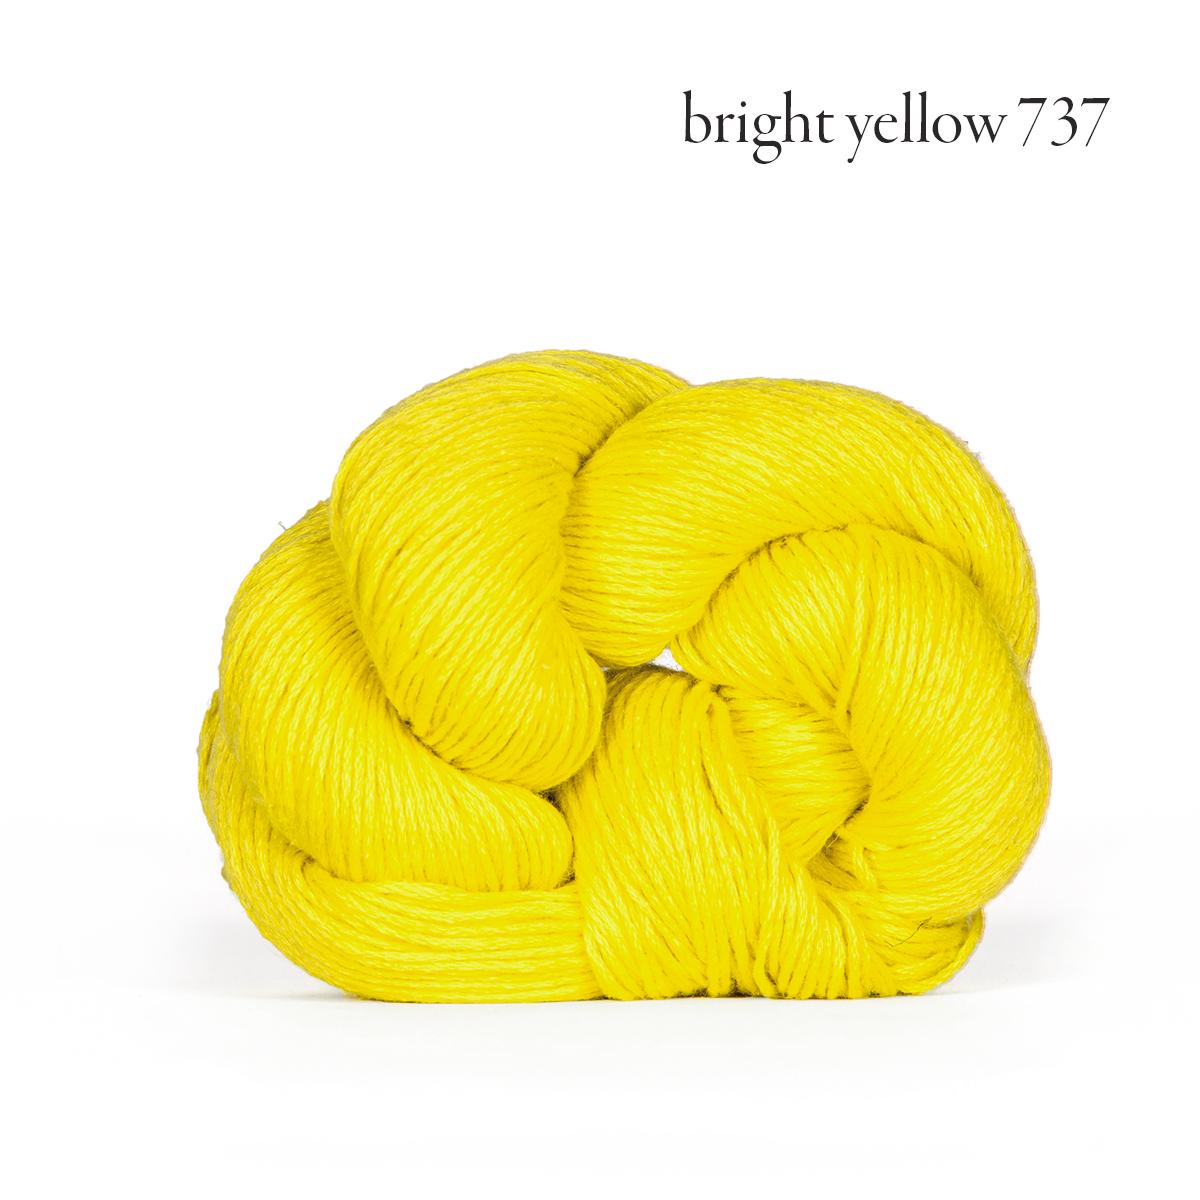 mojave bright yellow 737.jpg